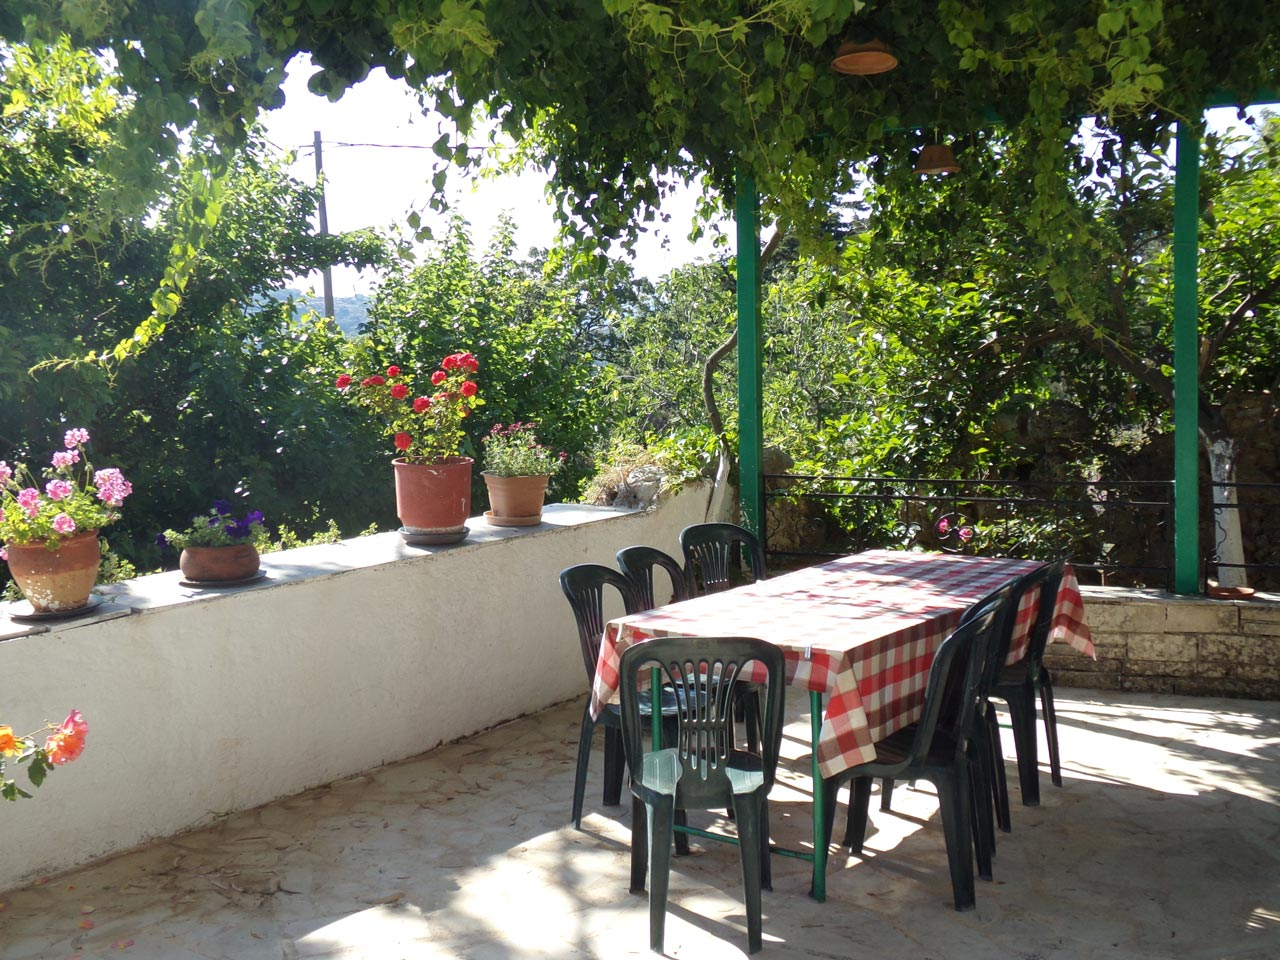 tavern-castello-rethymno-crete-2